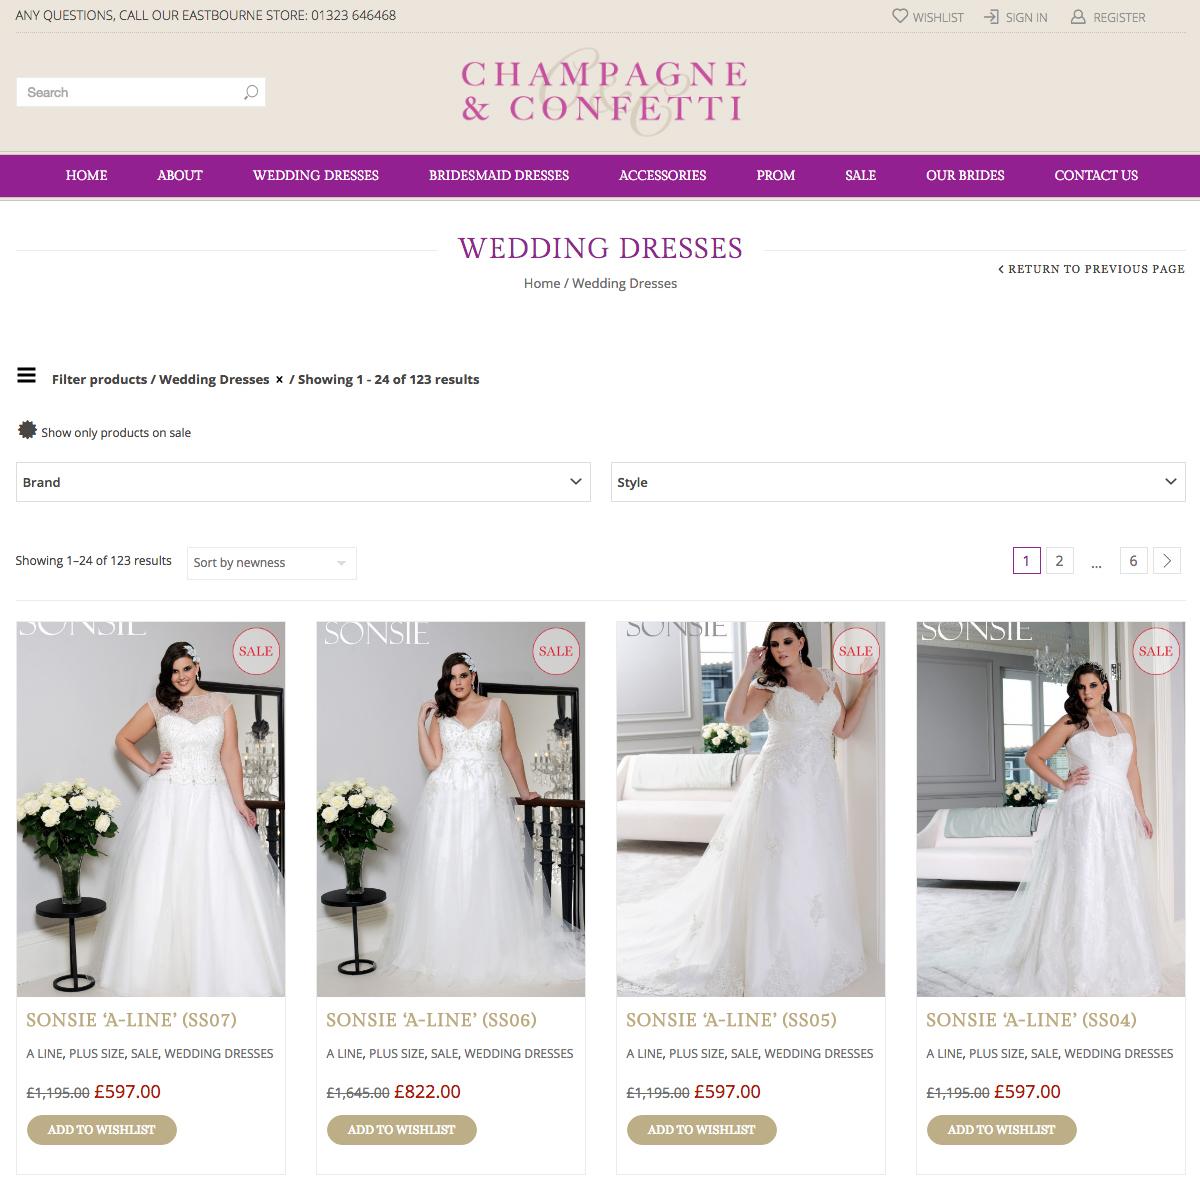 champagne-and-confetti-website-2